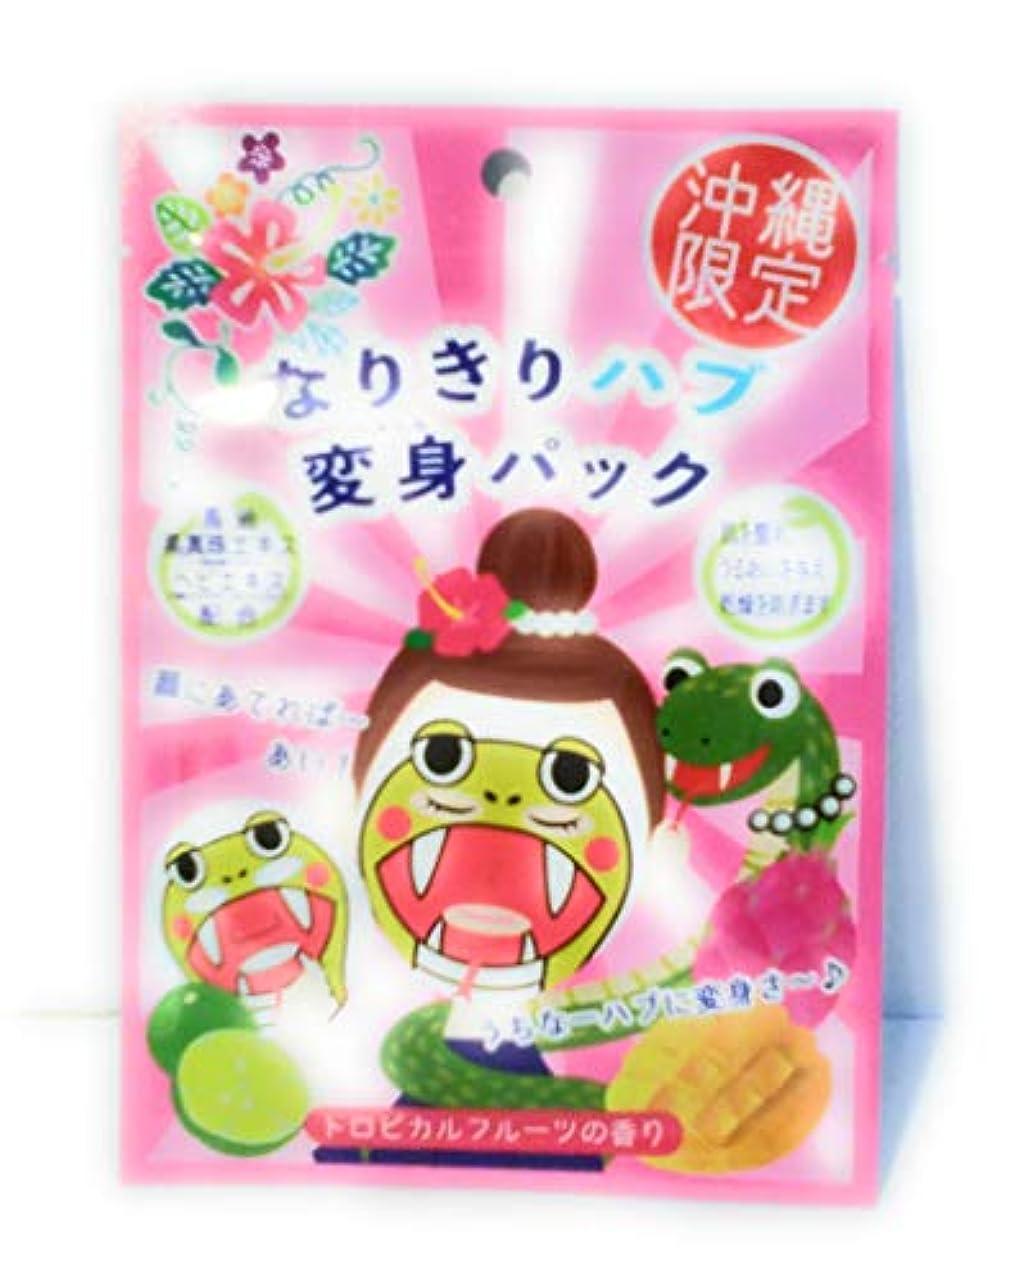 内向きフィッティング希望に満ちた沖縄限定 なりきりハブ変身パック トロピカルフルーツの香り